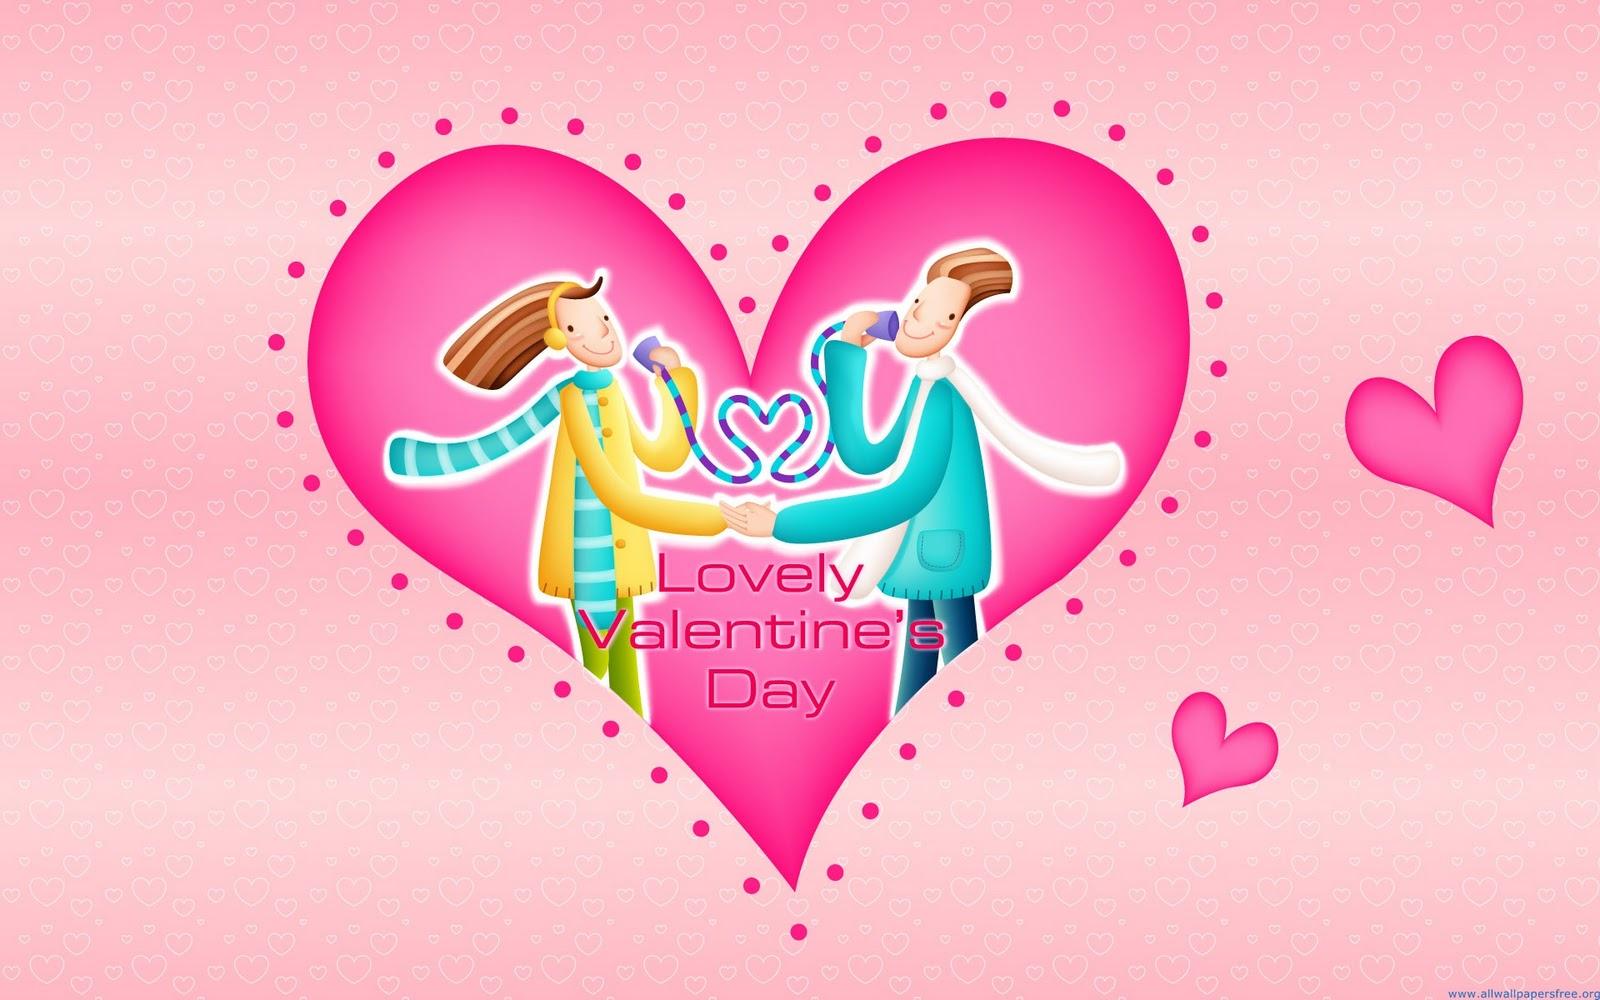 http://4.bp.blogspot.com/-y_jFT6dionQ/Tyo-wQvqBrI/AAAAAAAAB28/Oq2q0ymq2VU/s1600/Beautiful+Valentine%2527s+Day+HD+Widescreen+Wallpapers+%252874%2529.jpg